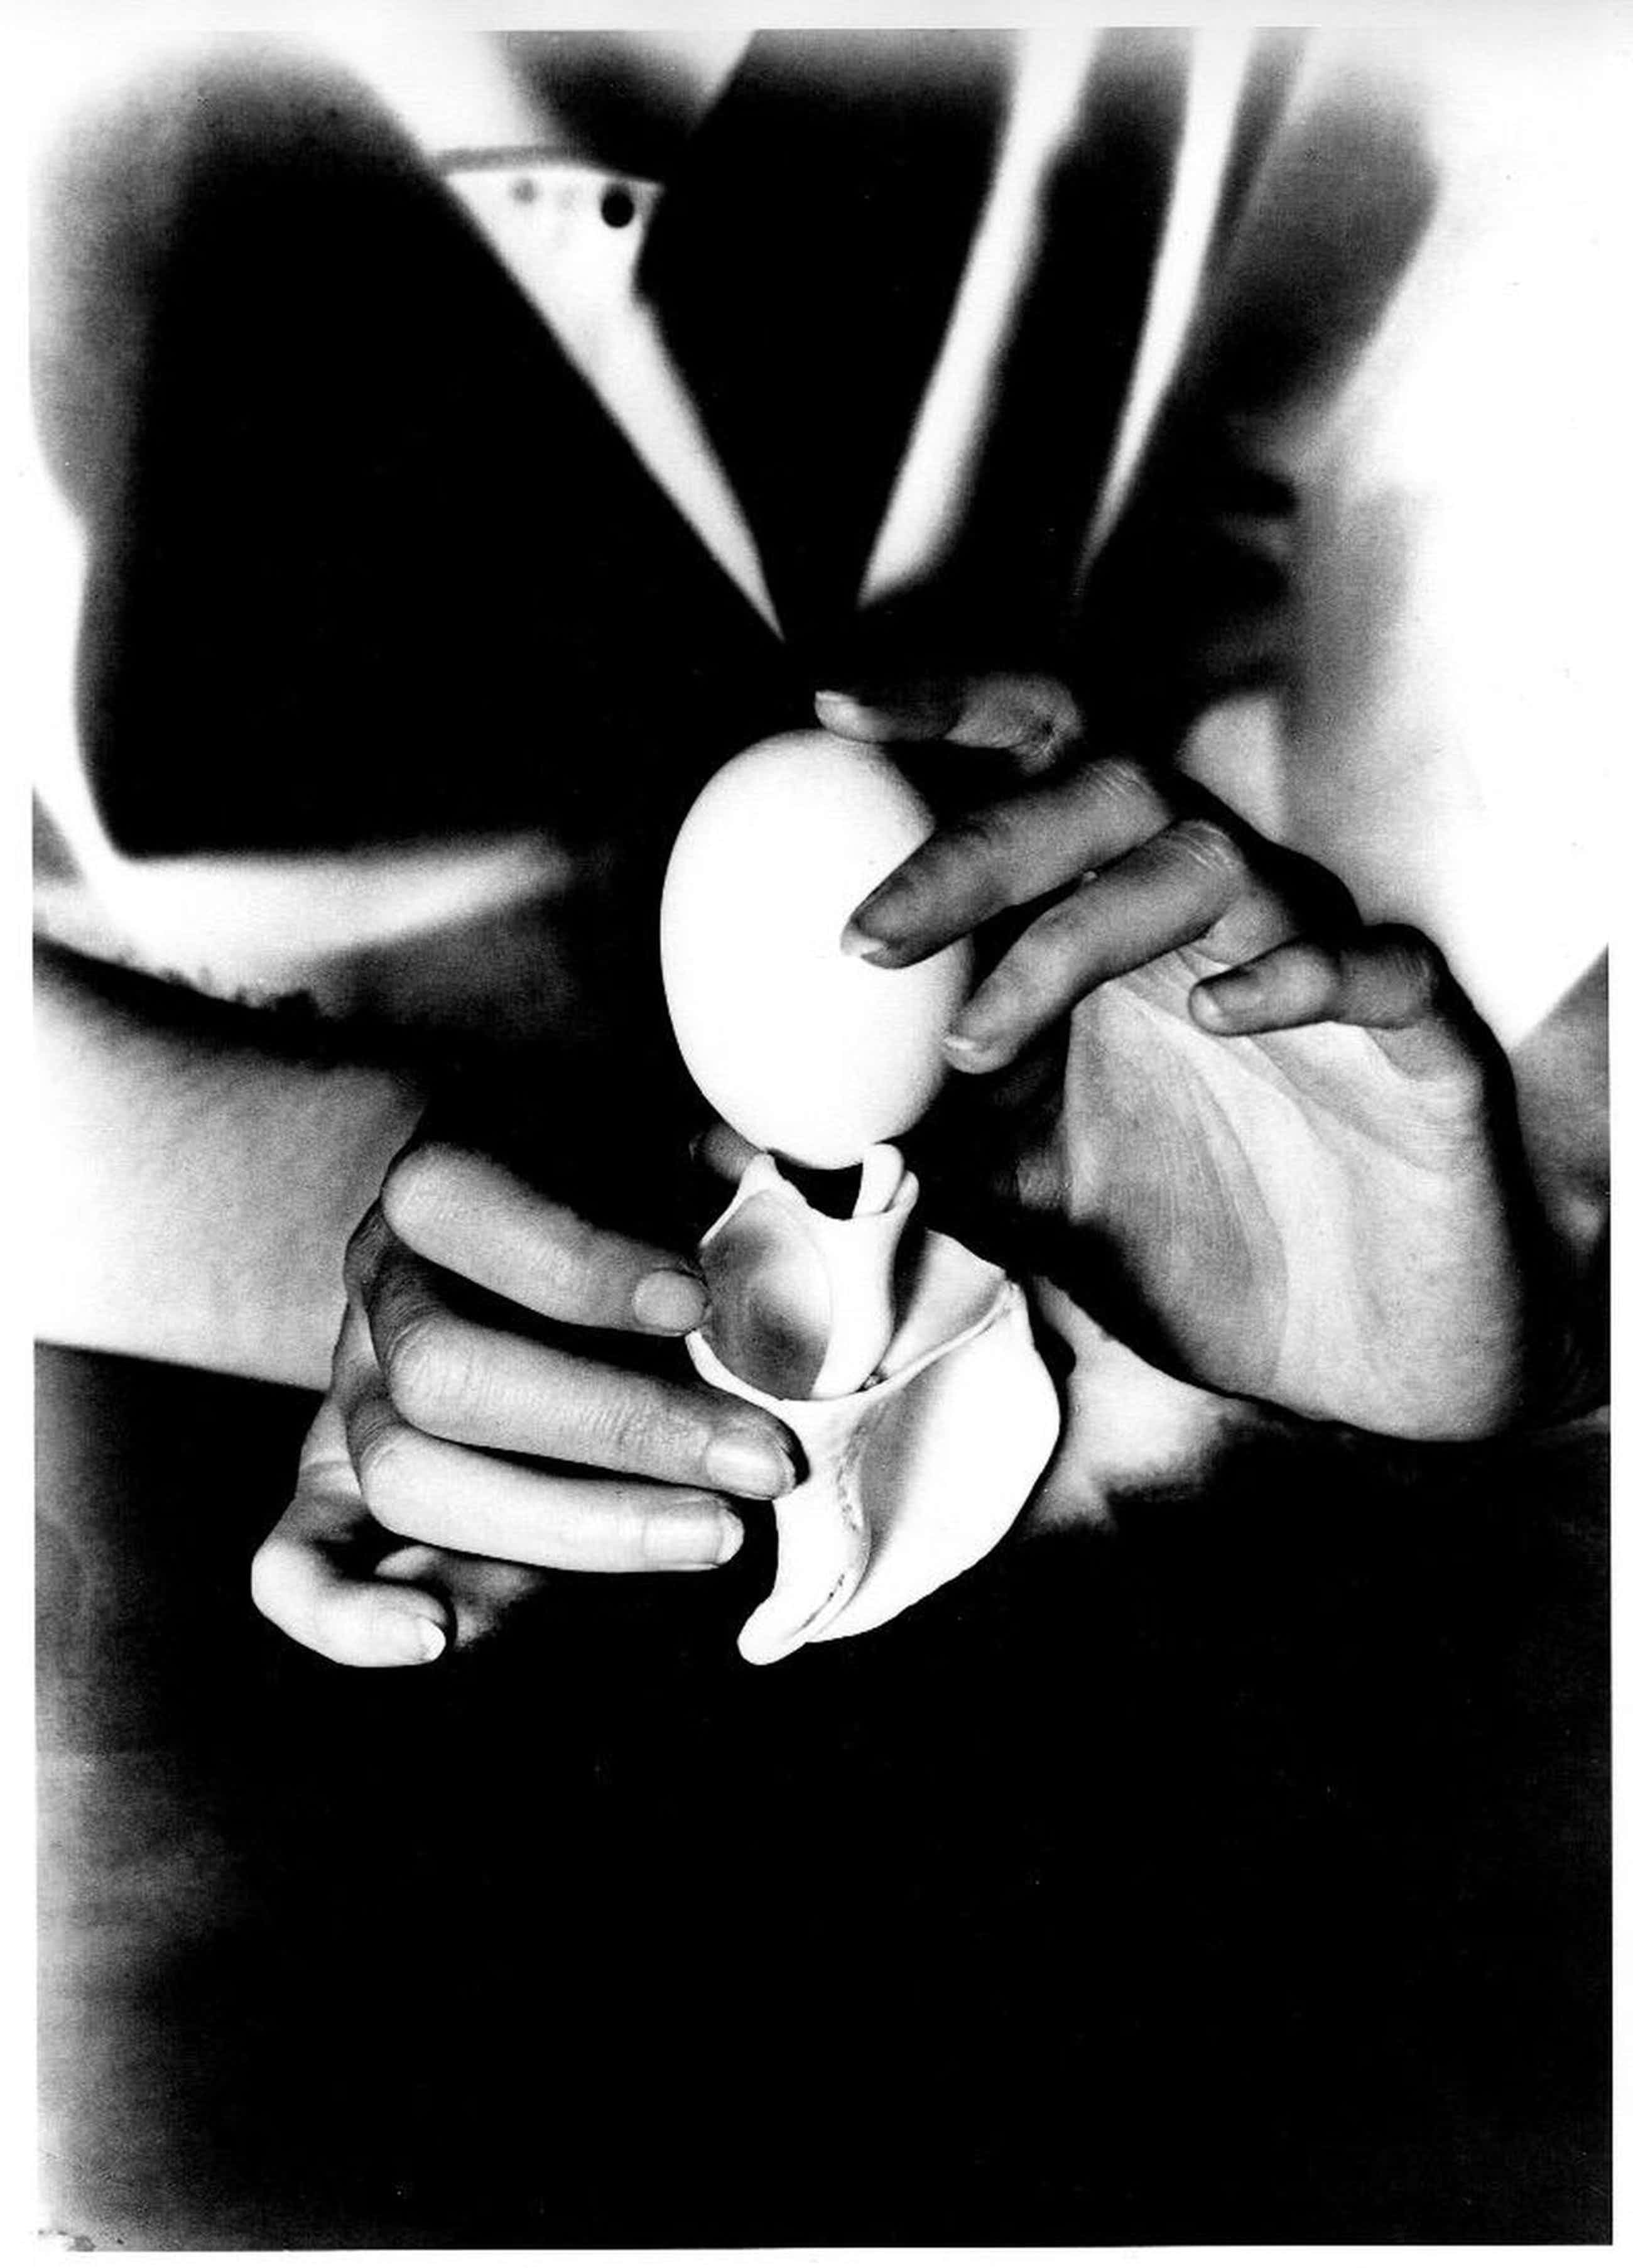 Man Ray - L'ceuf et le coquillage, Original Fotografie/Nachlass 1931/91 kopen? Bied vanaf 499!